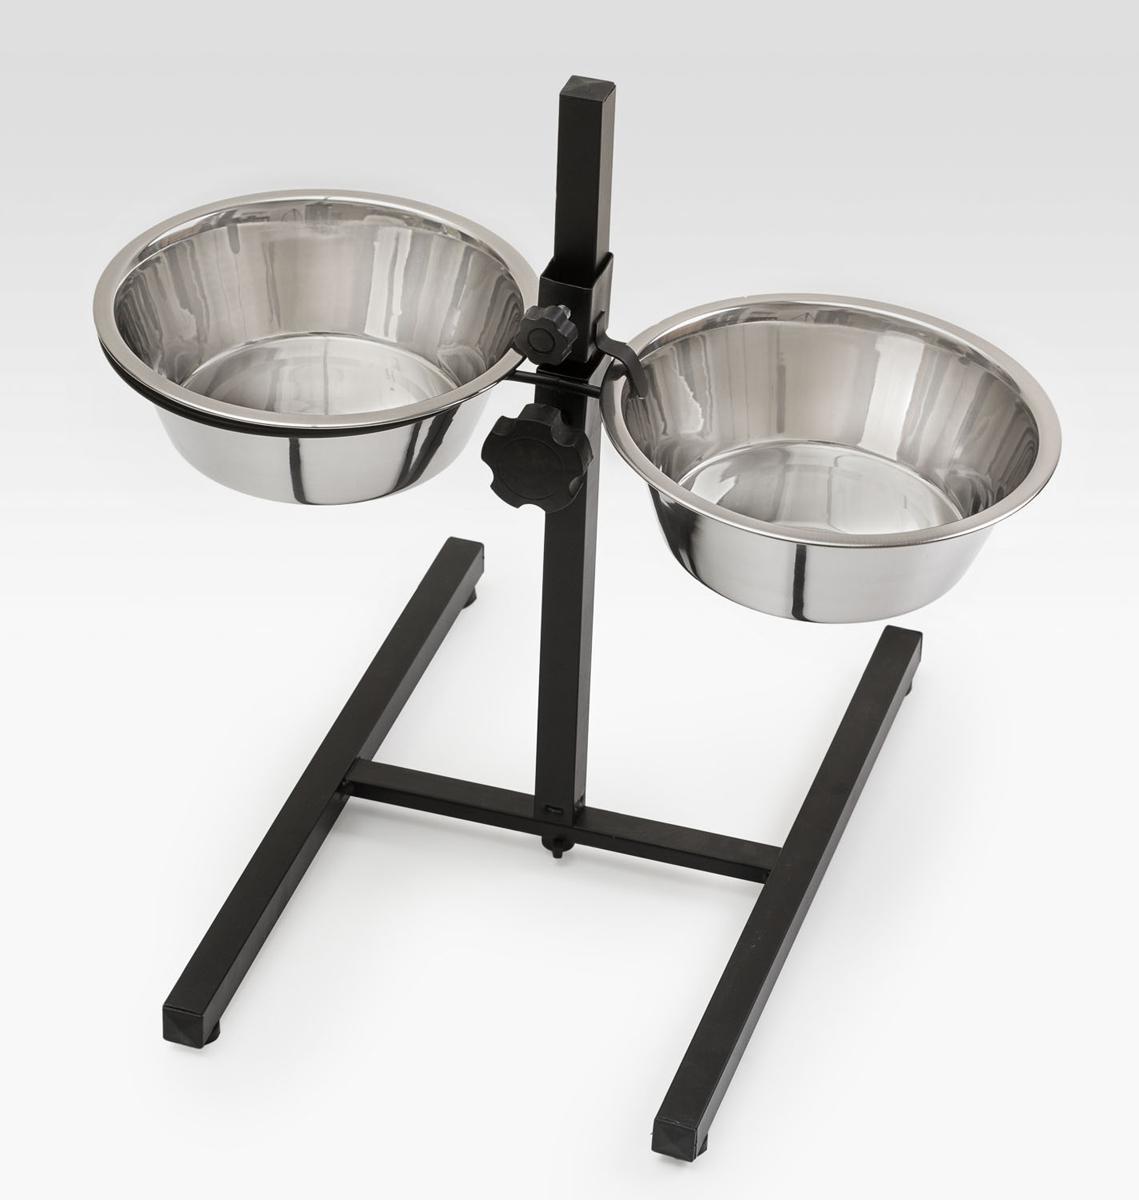 Миска для собак VM Double Diner, двойная, с телескопической подставкой, 2 х 1,75 л3166Двойная миска VM Double Diner - это функциональный аксессуар для собак. Изделия выполнены из высококачественного металла. Разборная телескопическая подставка позволяет регулировать оптимальный уровень миски по росту питомца, способствуя правильному развитию скелета, осанки и улучшению пищеварения. Миски легко моются. Ваш любимец будет доволен!Количество мисок: 2 шт. Объем одной миски: 1,75 л. Внутренний диаметр миски: 19 см. Высота миски: 6,5 см.Размер подставки: 45 х 40 х 42 см.